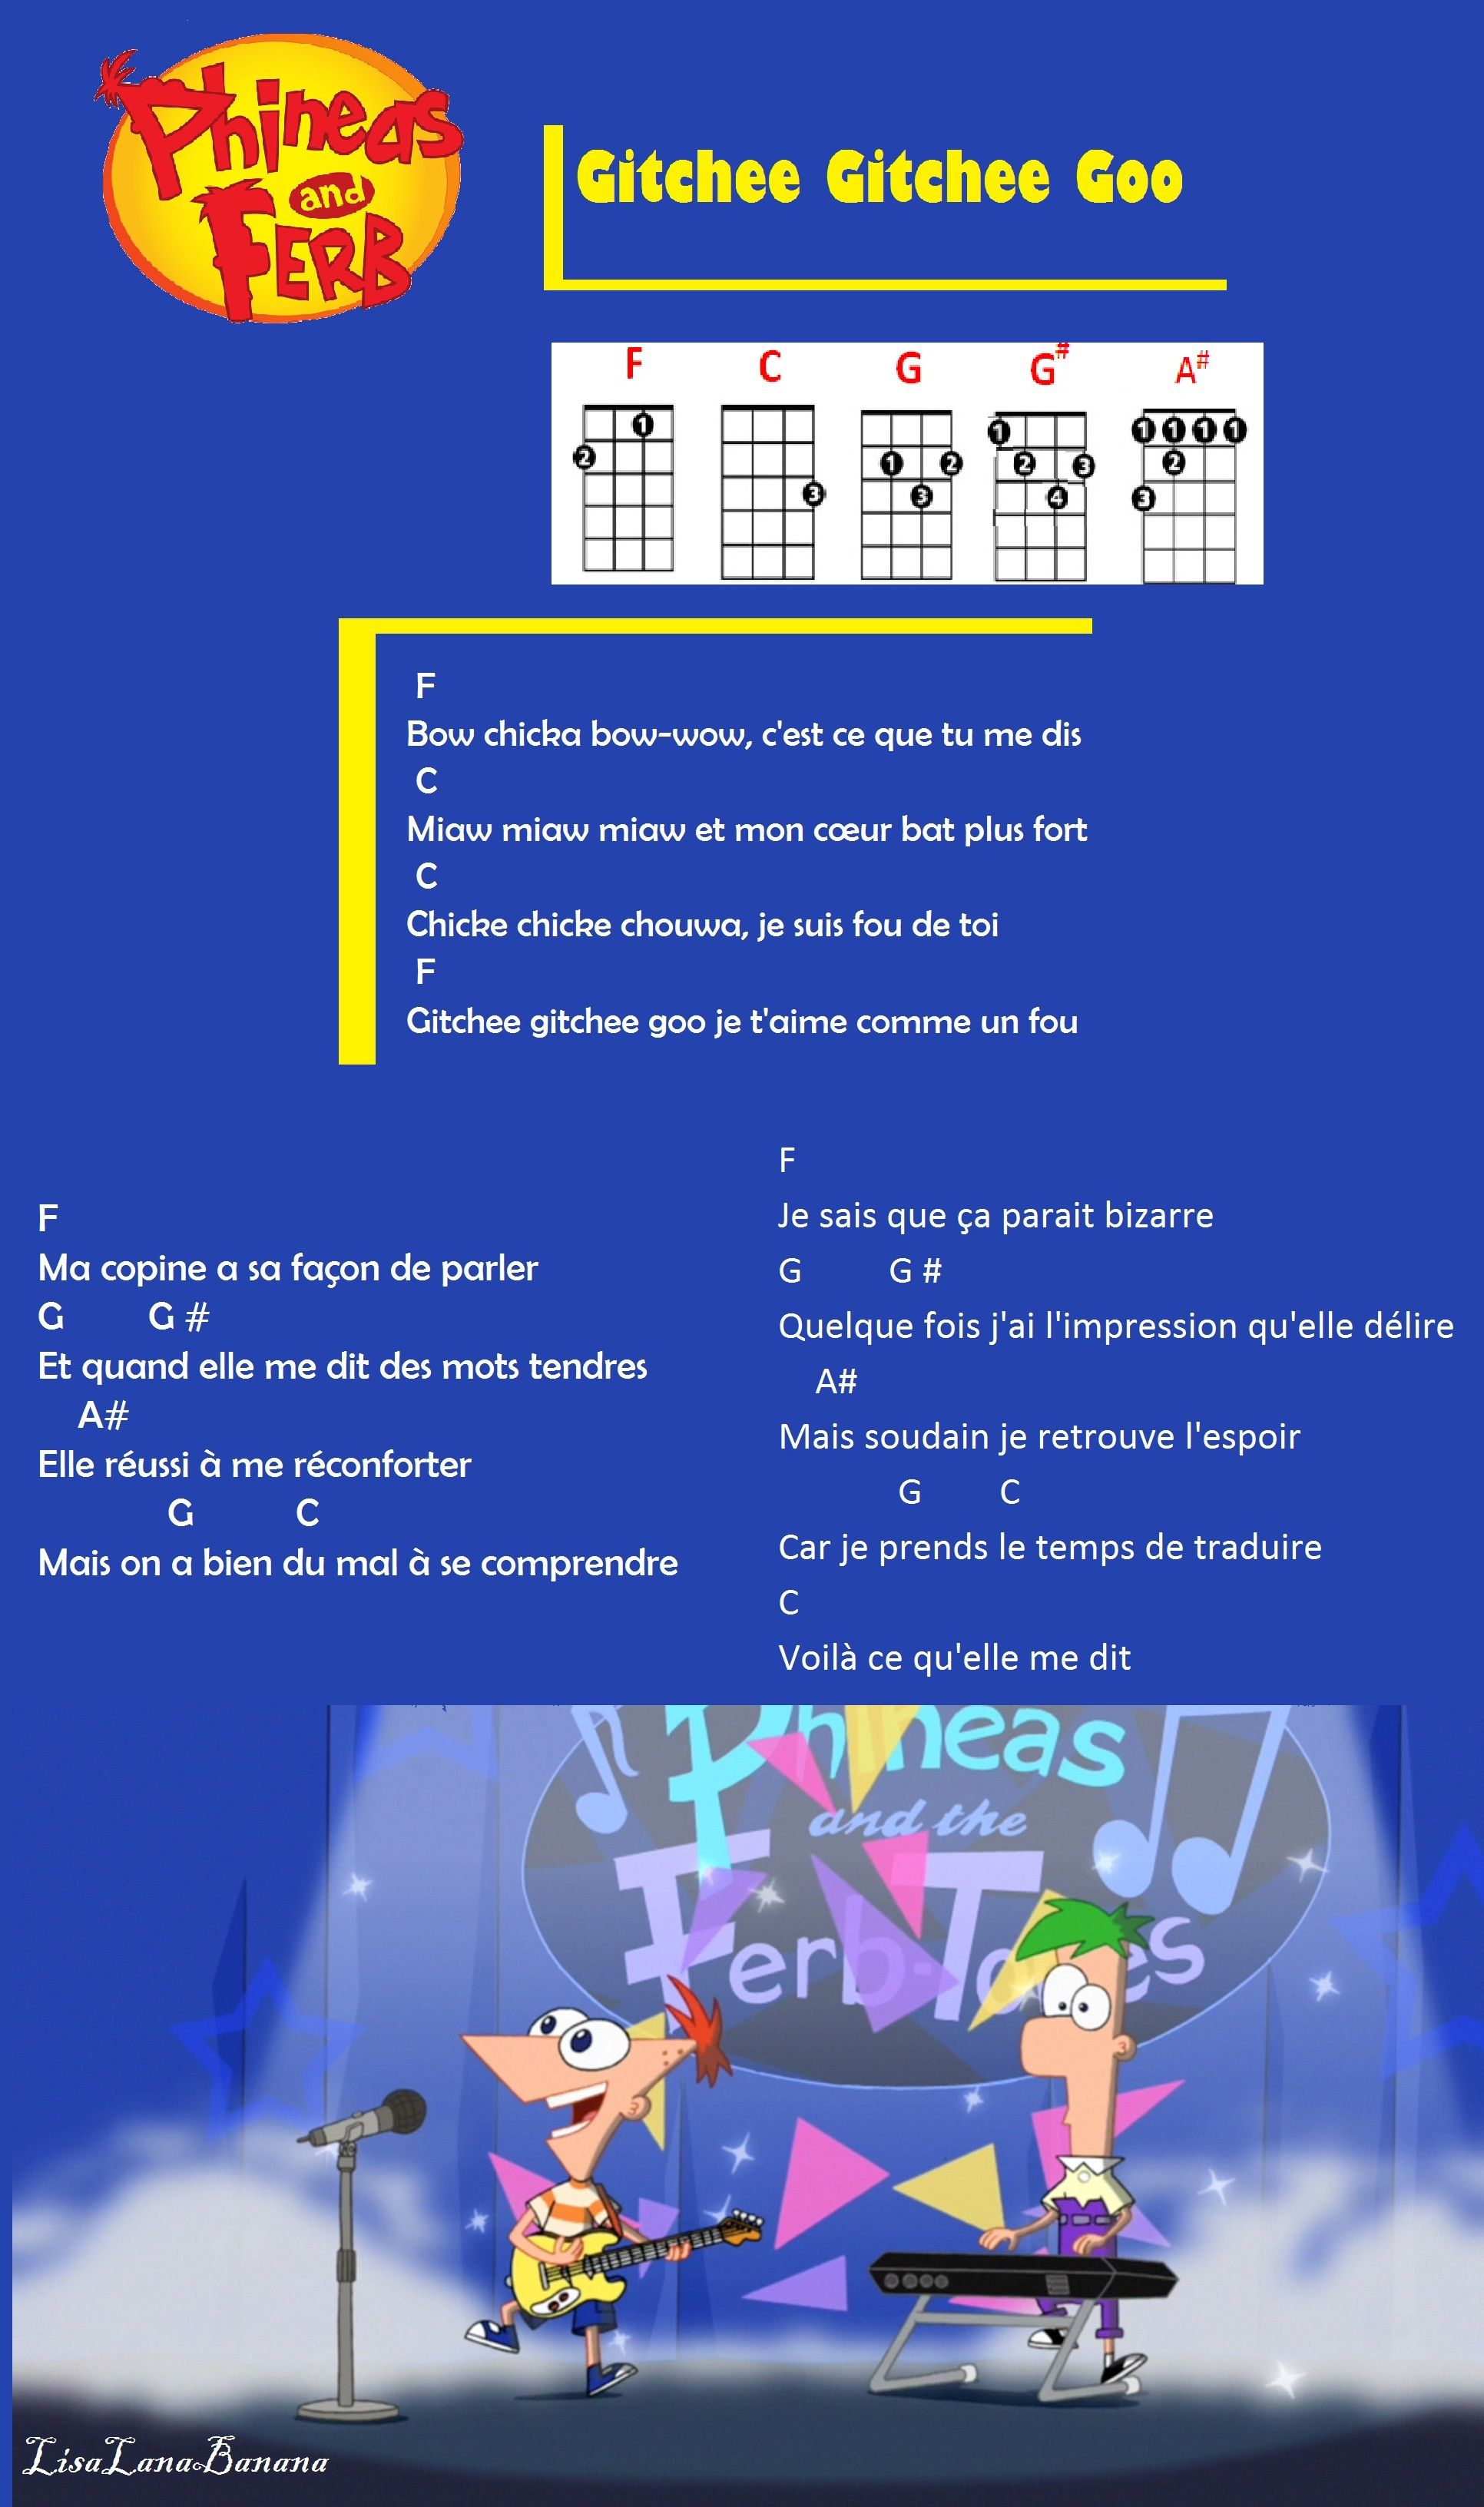 Tablature Ukulélé Phineas Et Ferb De Disney Gitchee Gitchee Goo Je T Aime Comme Un Fou Ukulele Chords Phineas And Ferb Ukelele